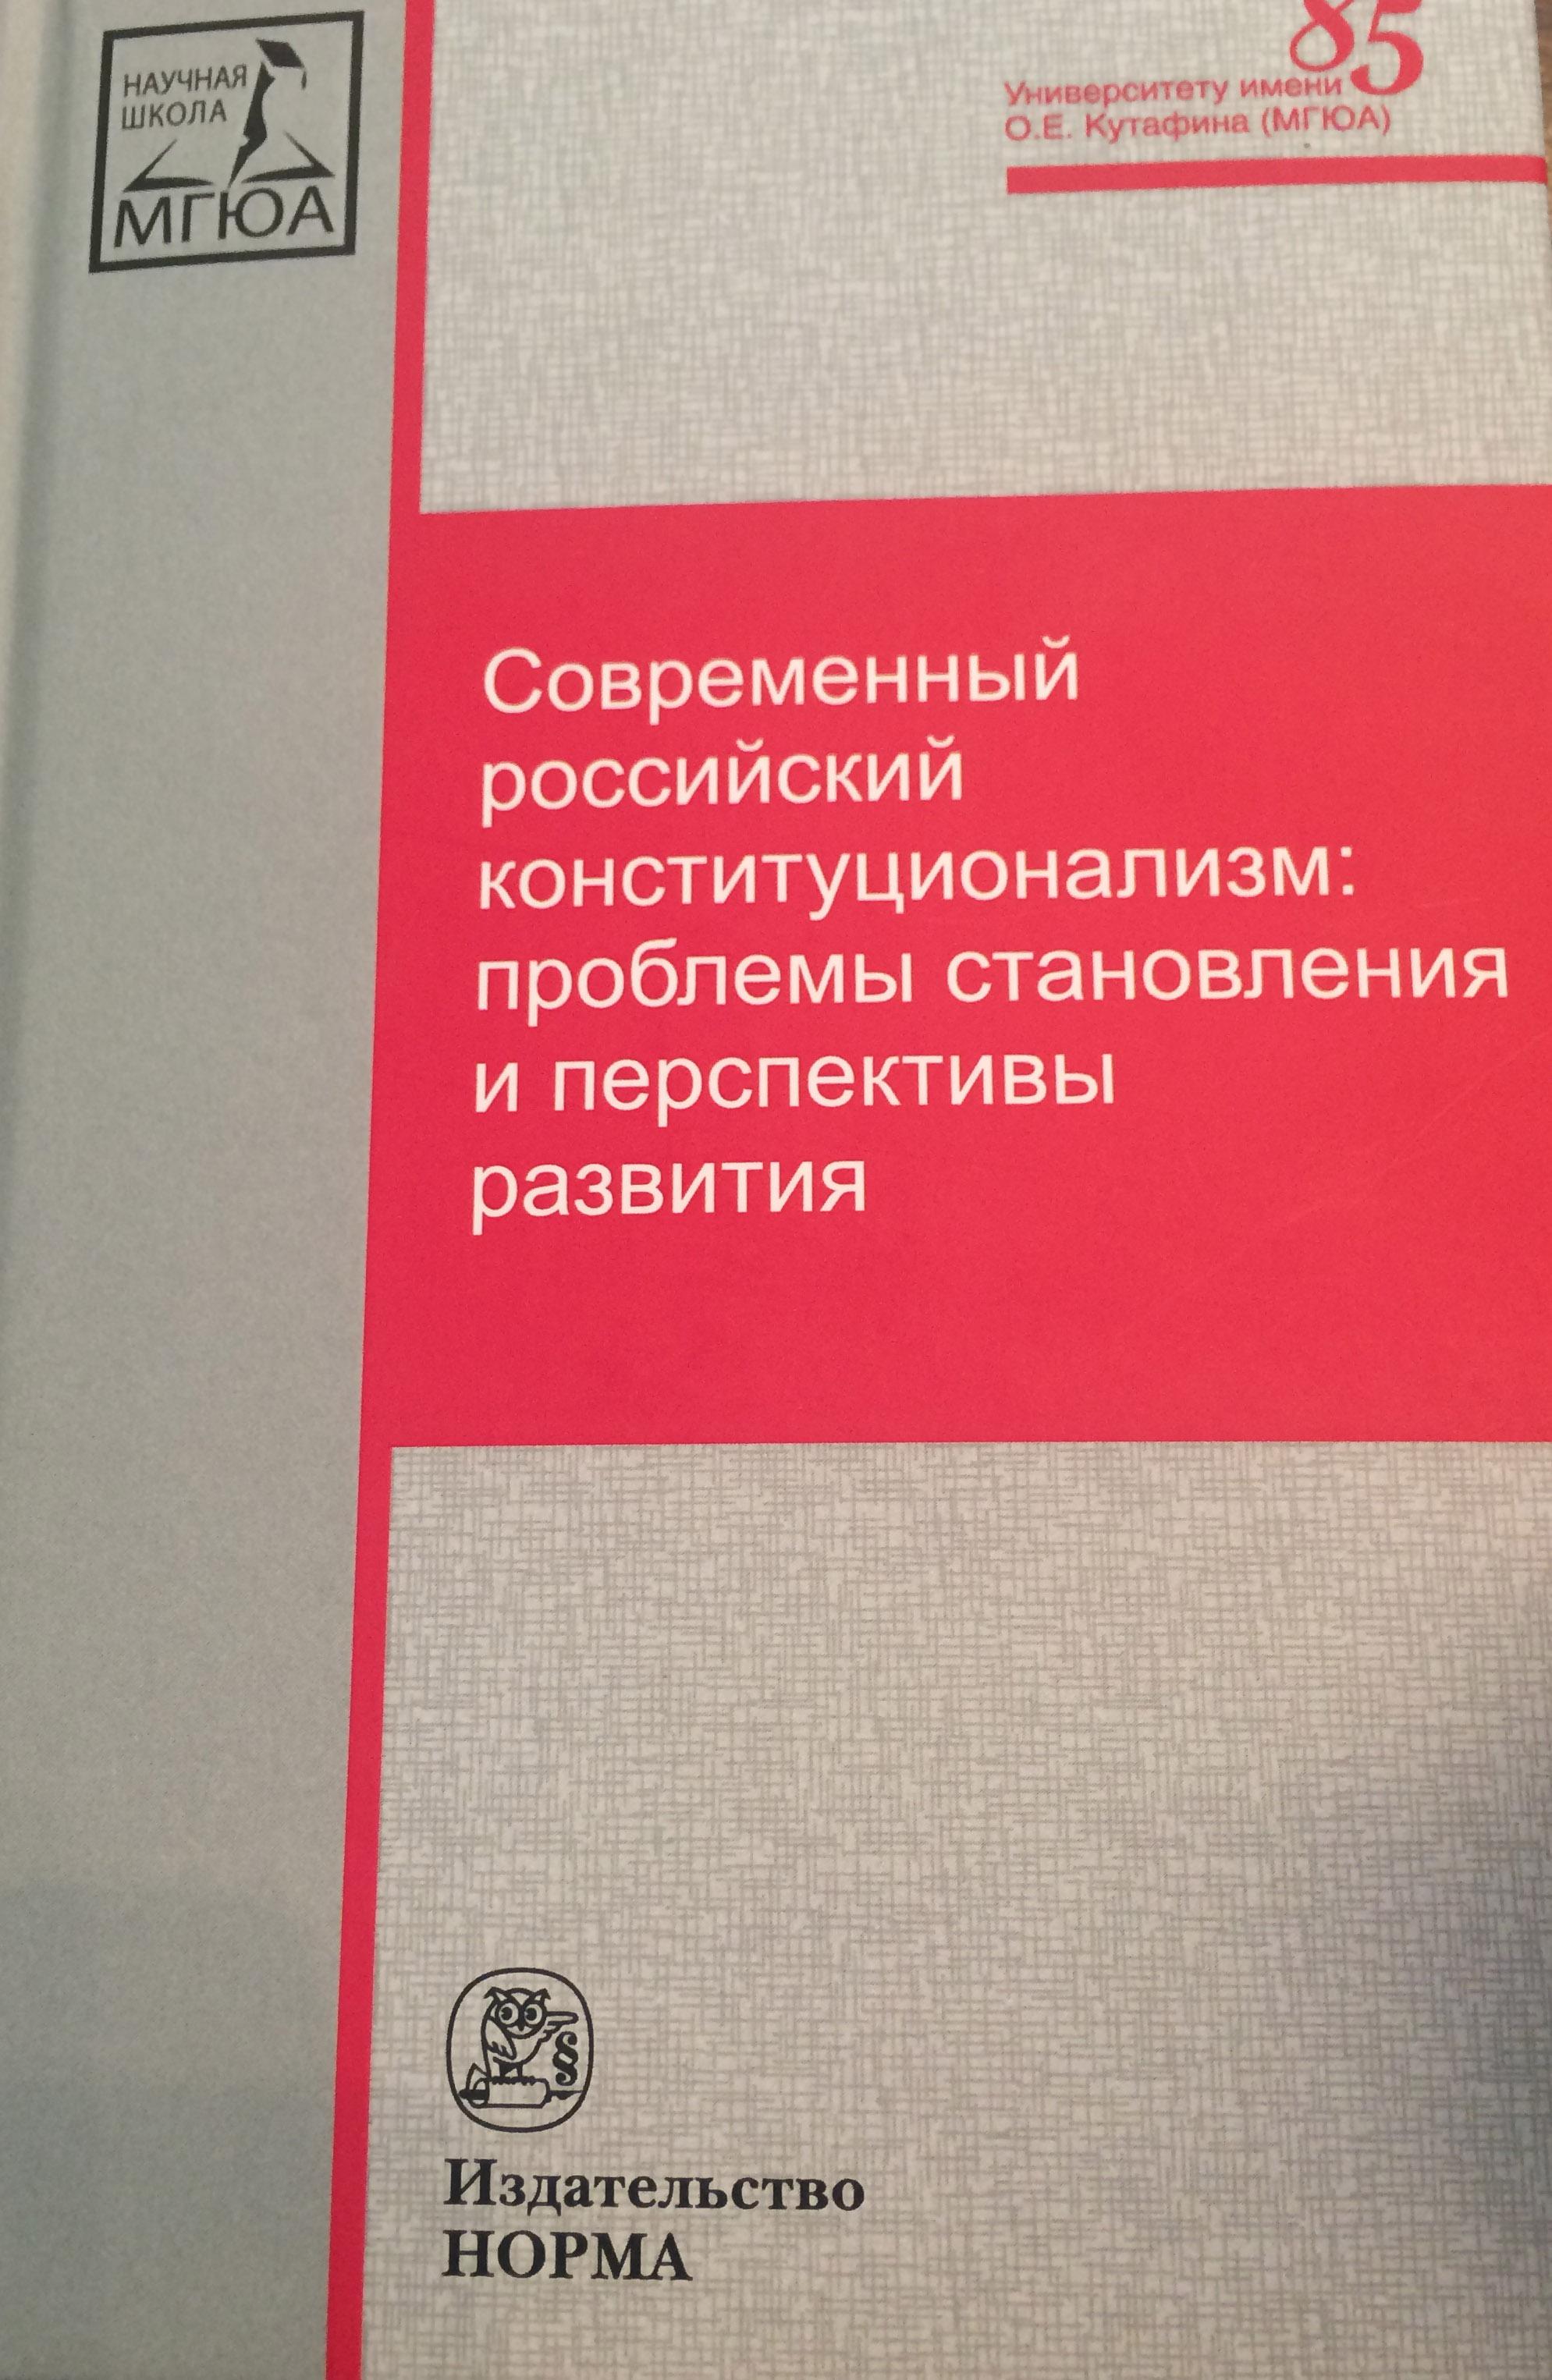 Современный российский конституционализм: проблемы становления и перспективы развития